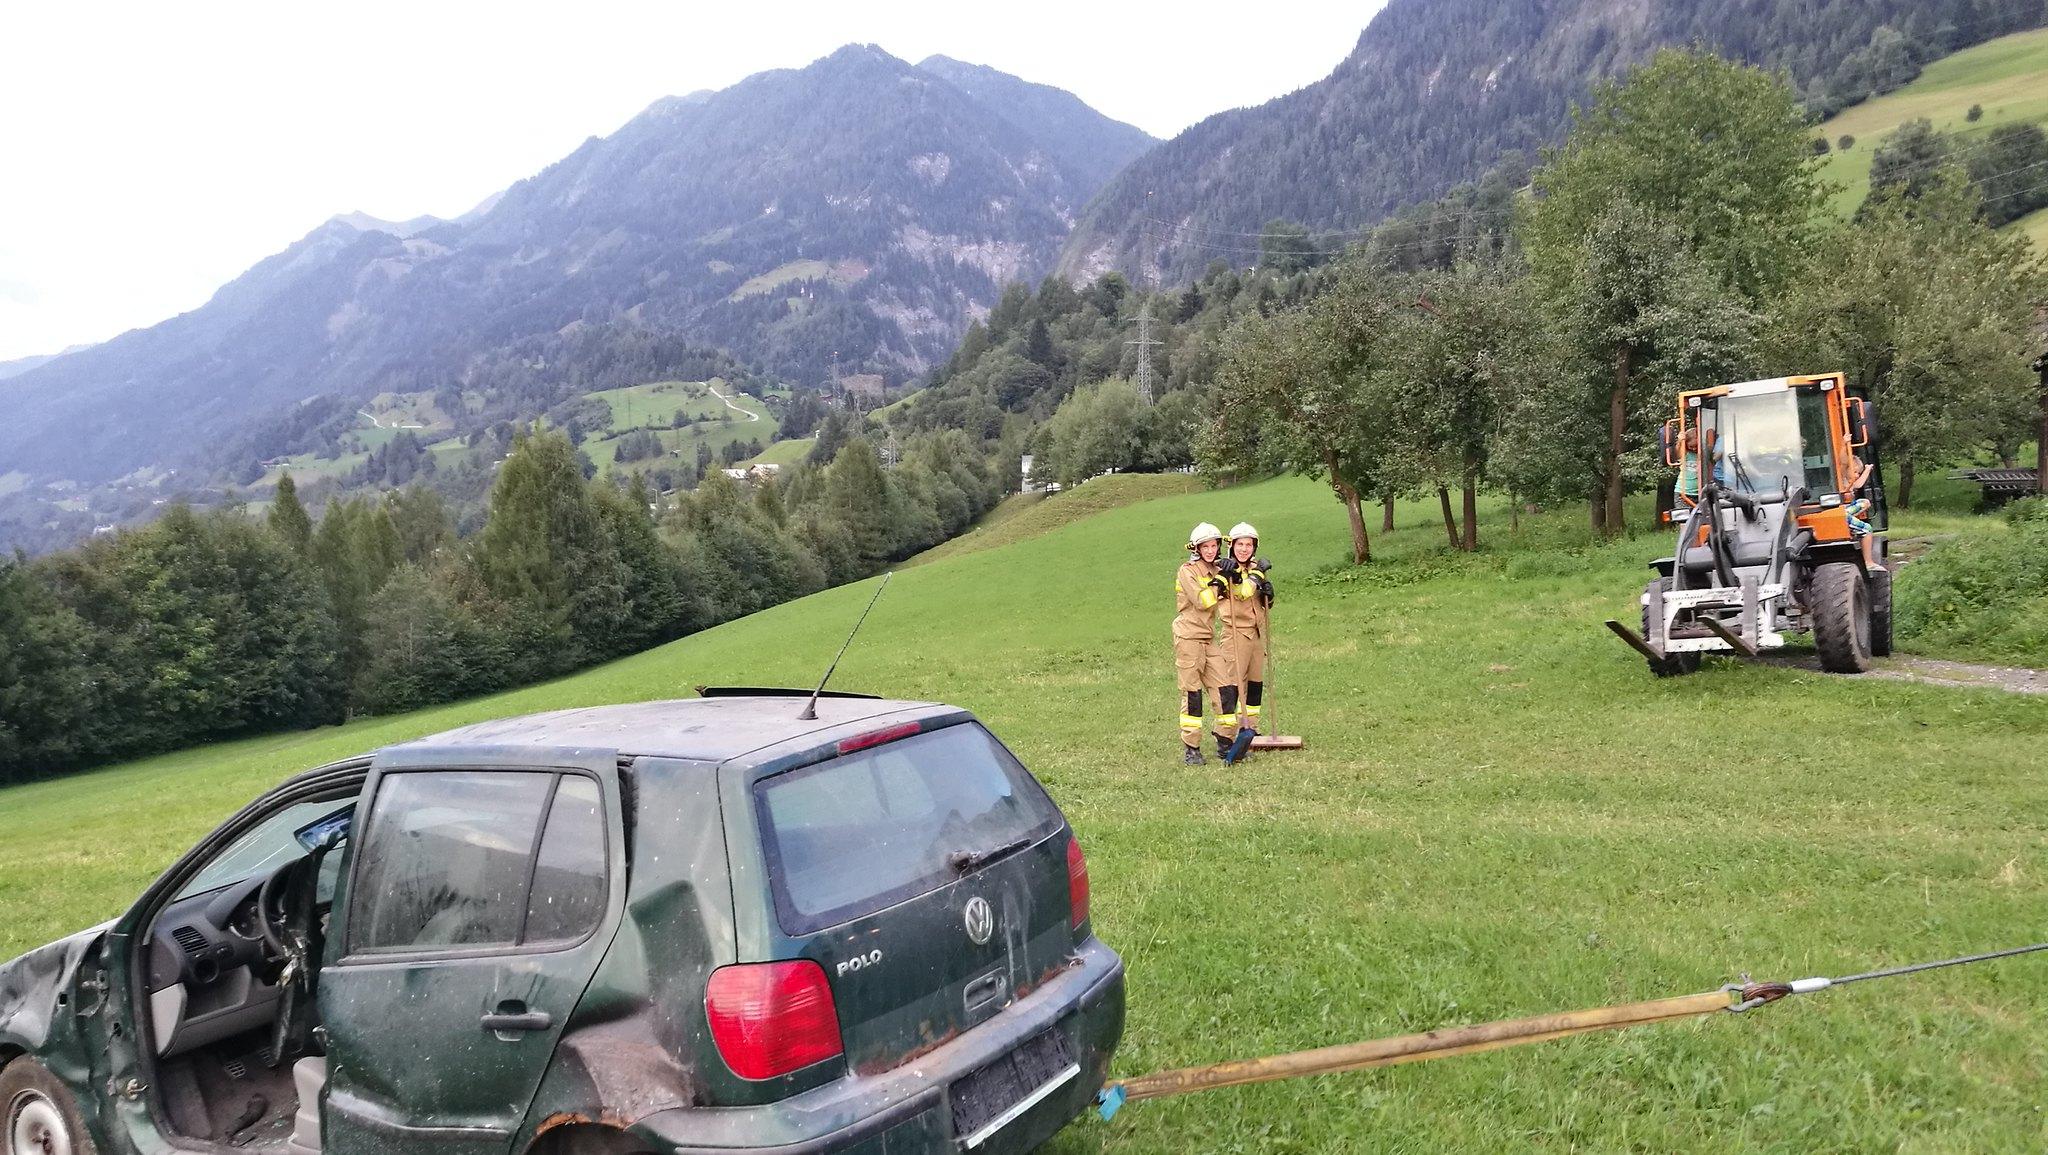 2017-08-09 Übung Söllner